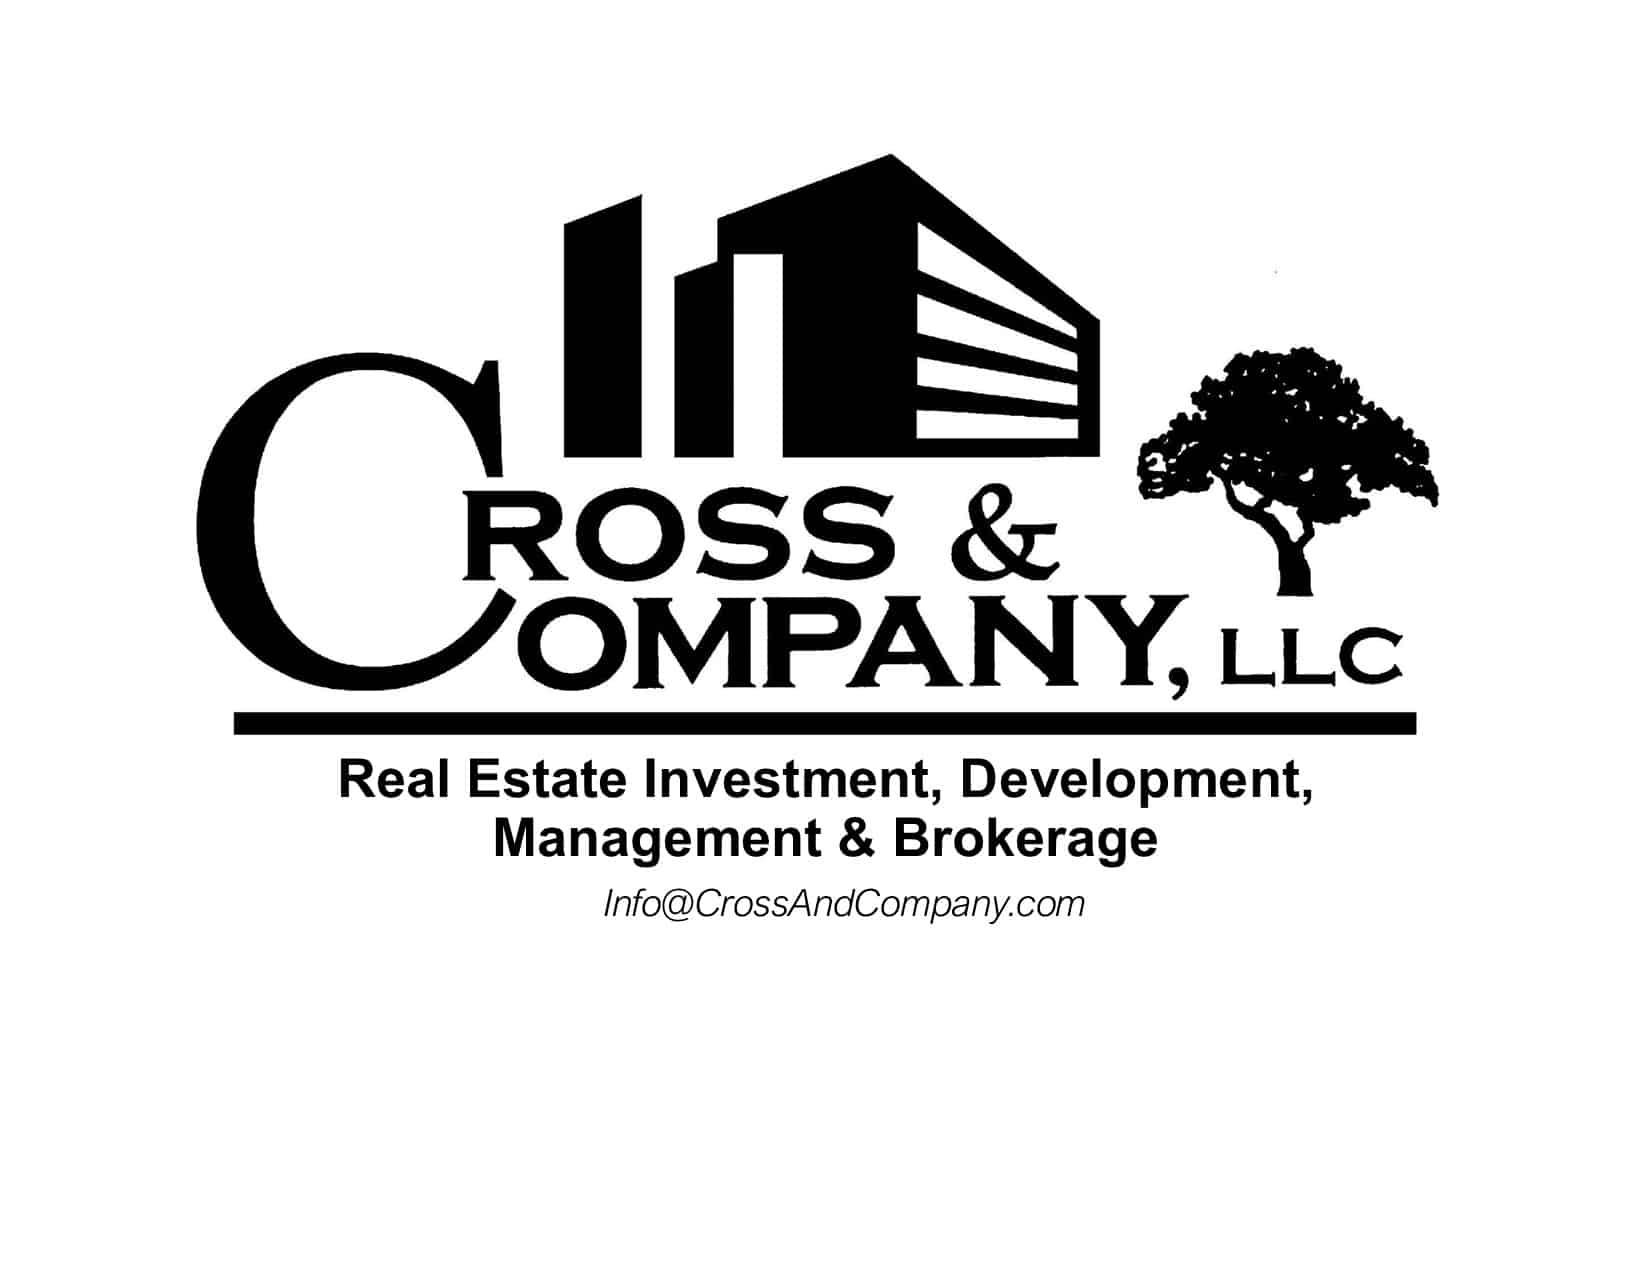 Cross & Company, LLC